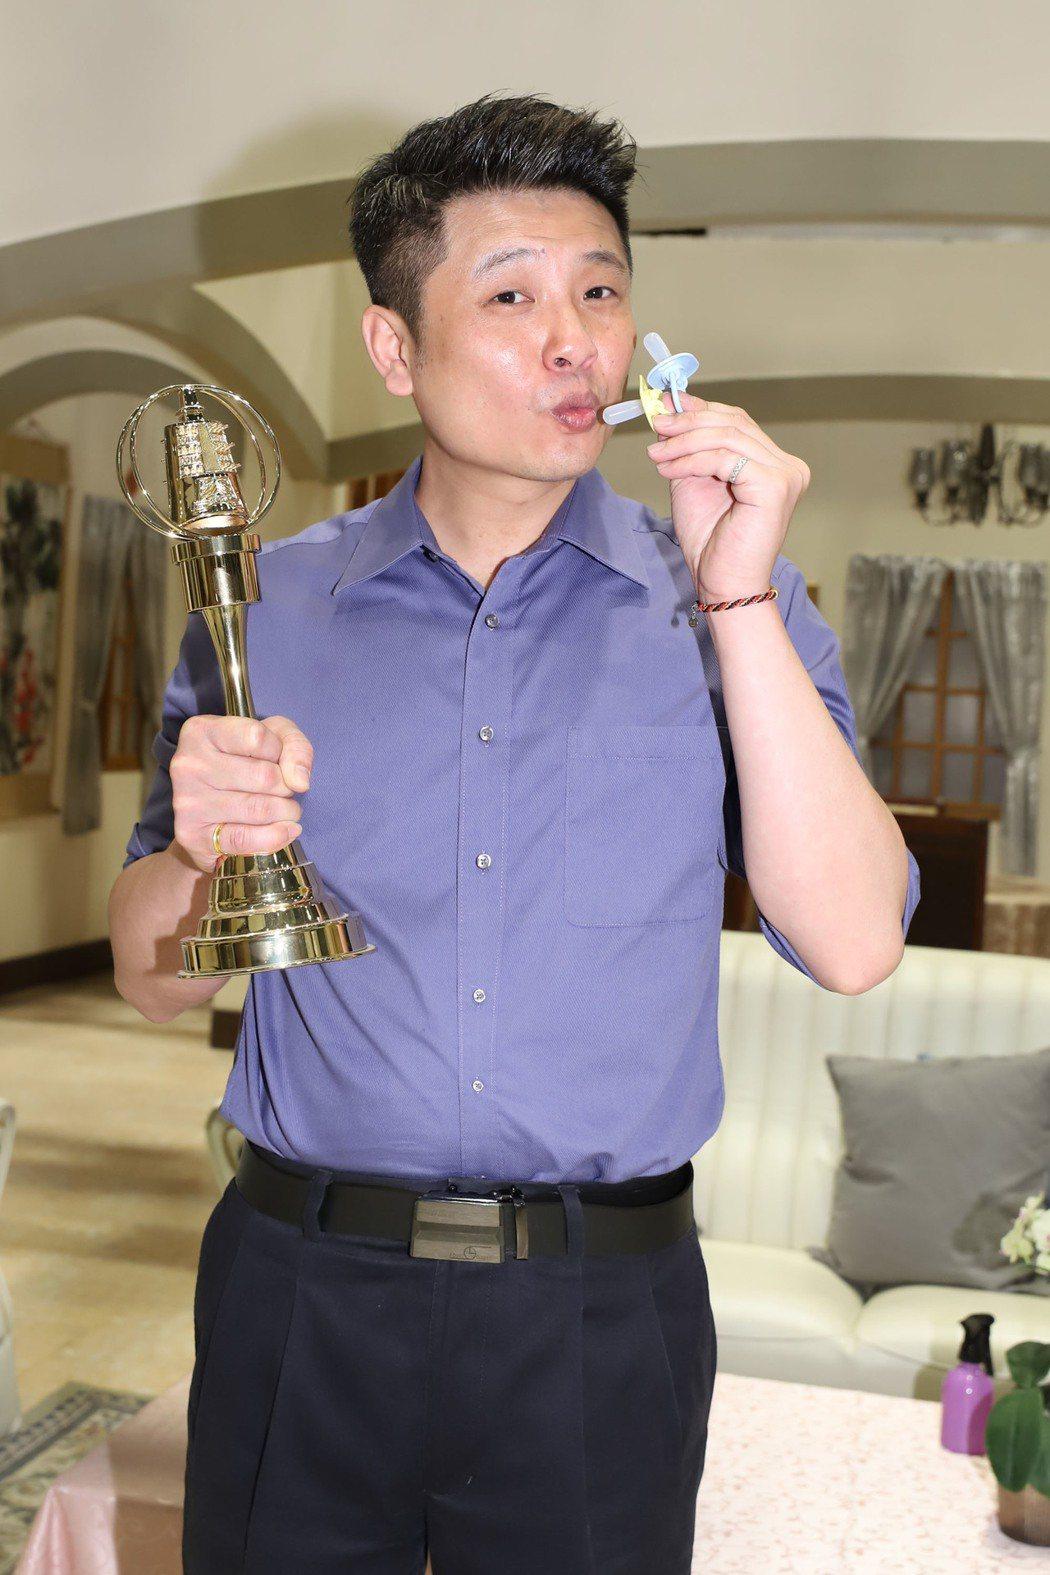 蔡佳麟剛剛喜獲第二個麟兒,一手拿奶嘴、一手拿金鐘獎座,希望一舉得獎。圖/民視提供